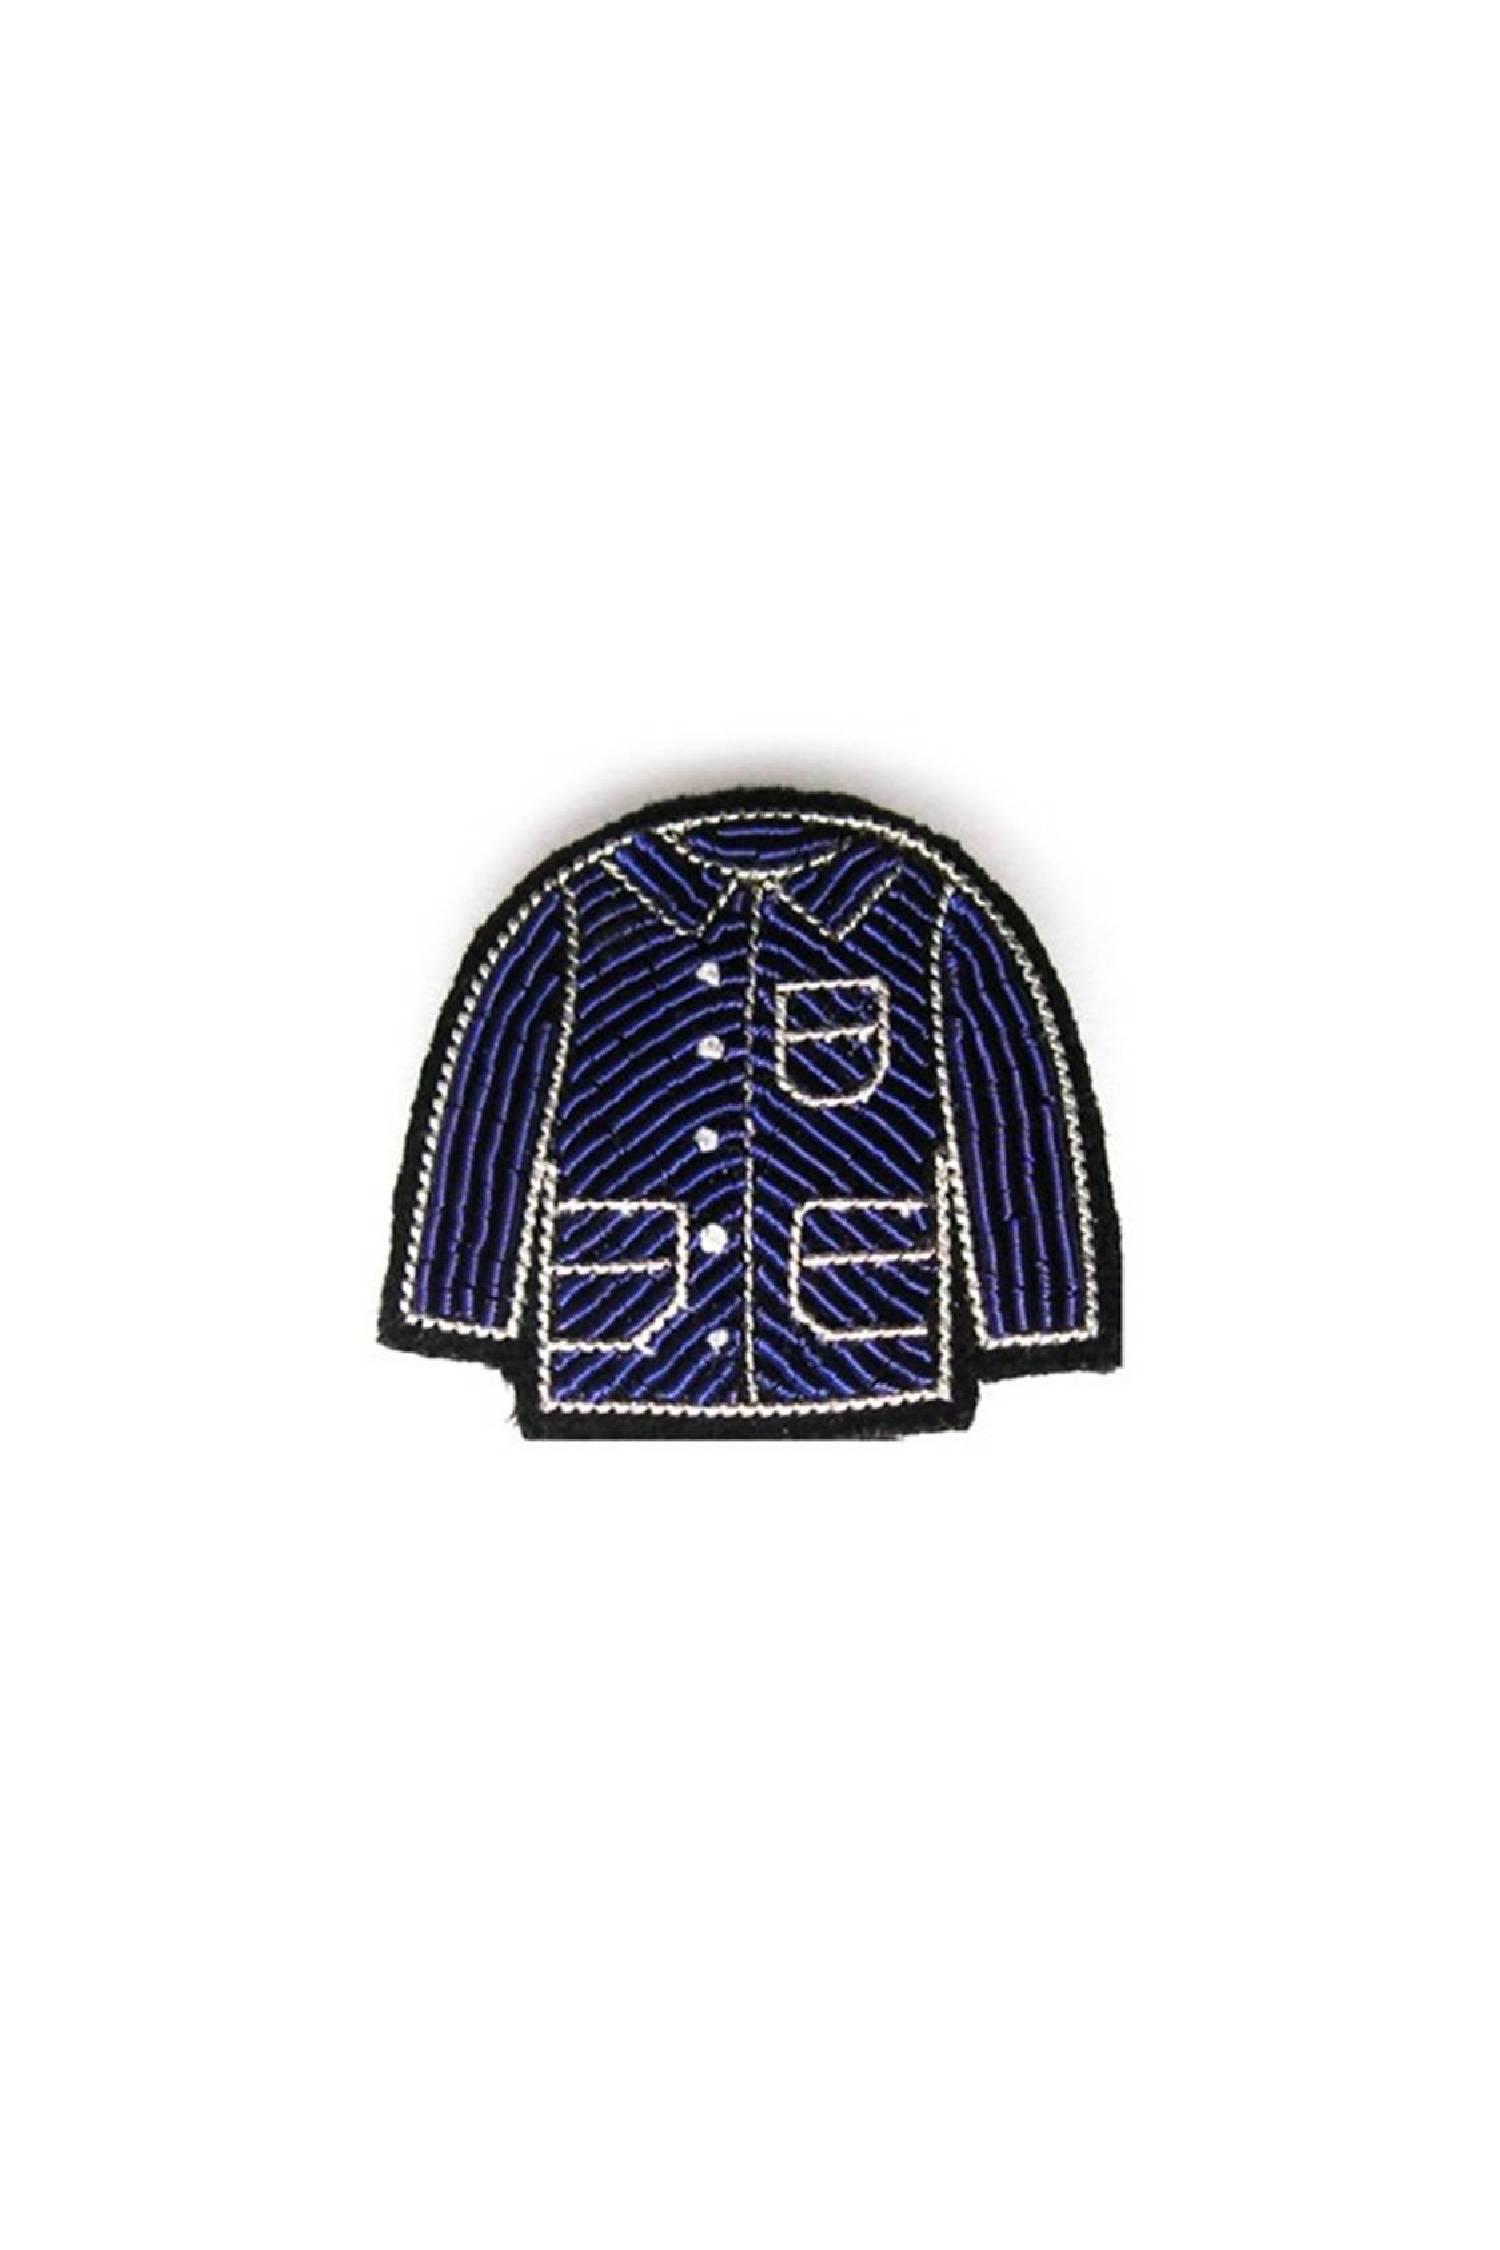 Work Jacket Pin